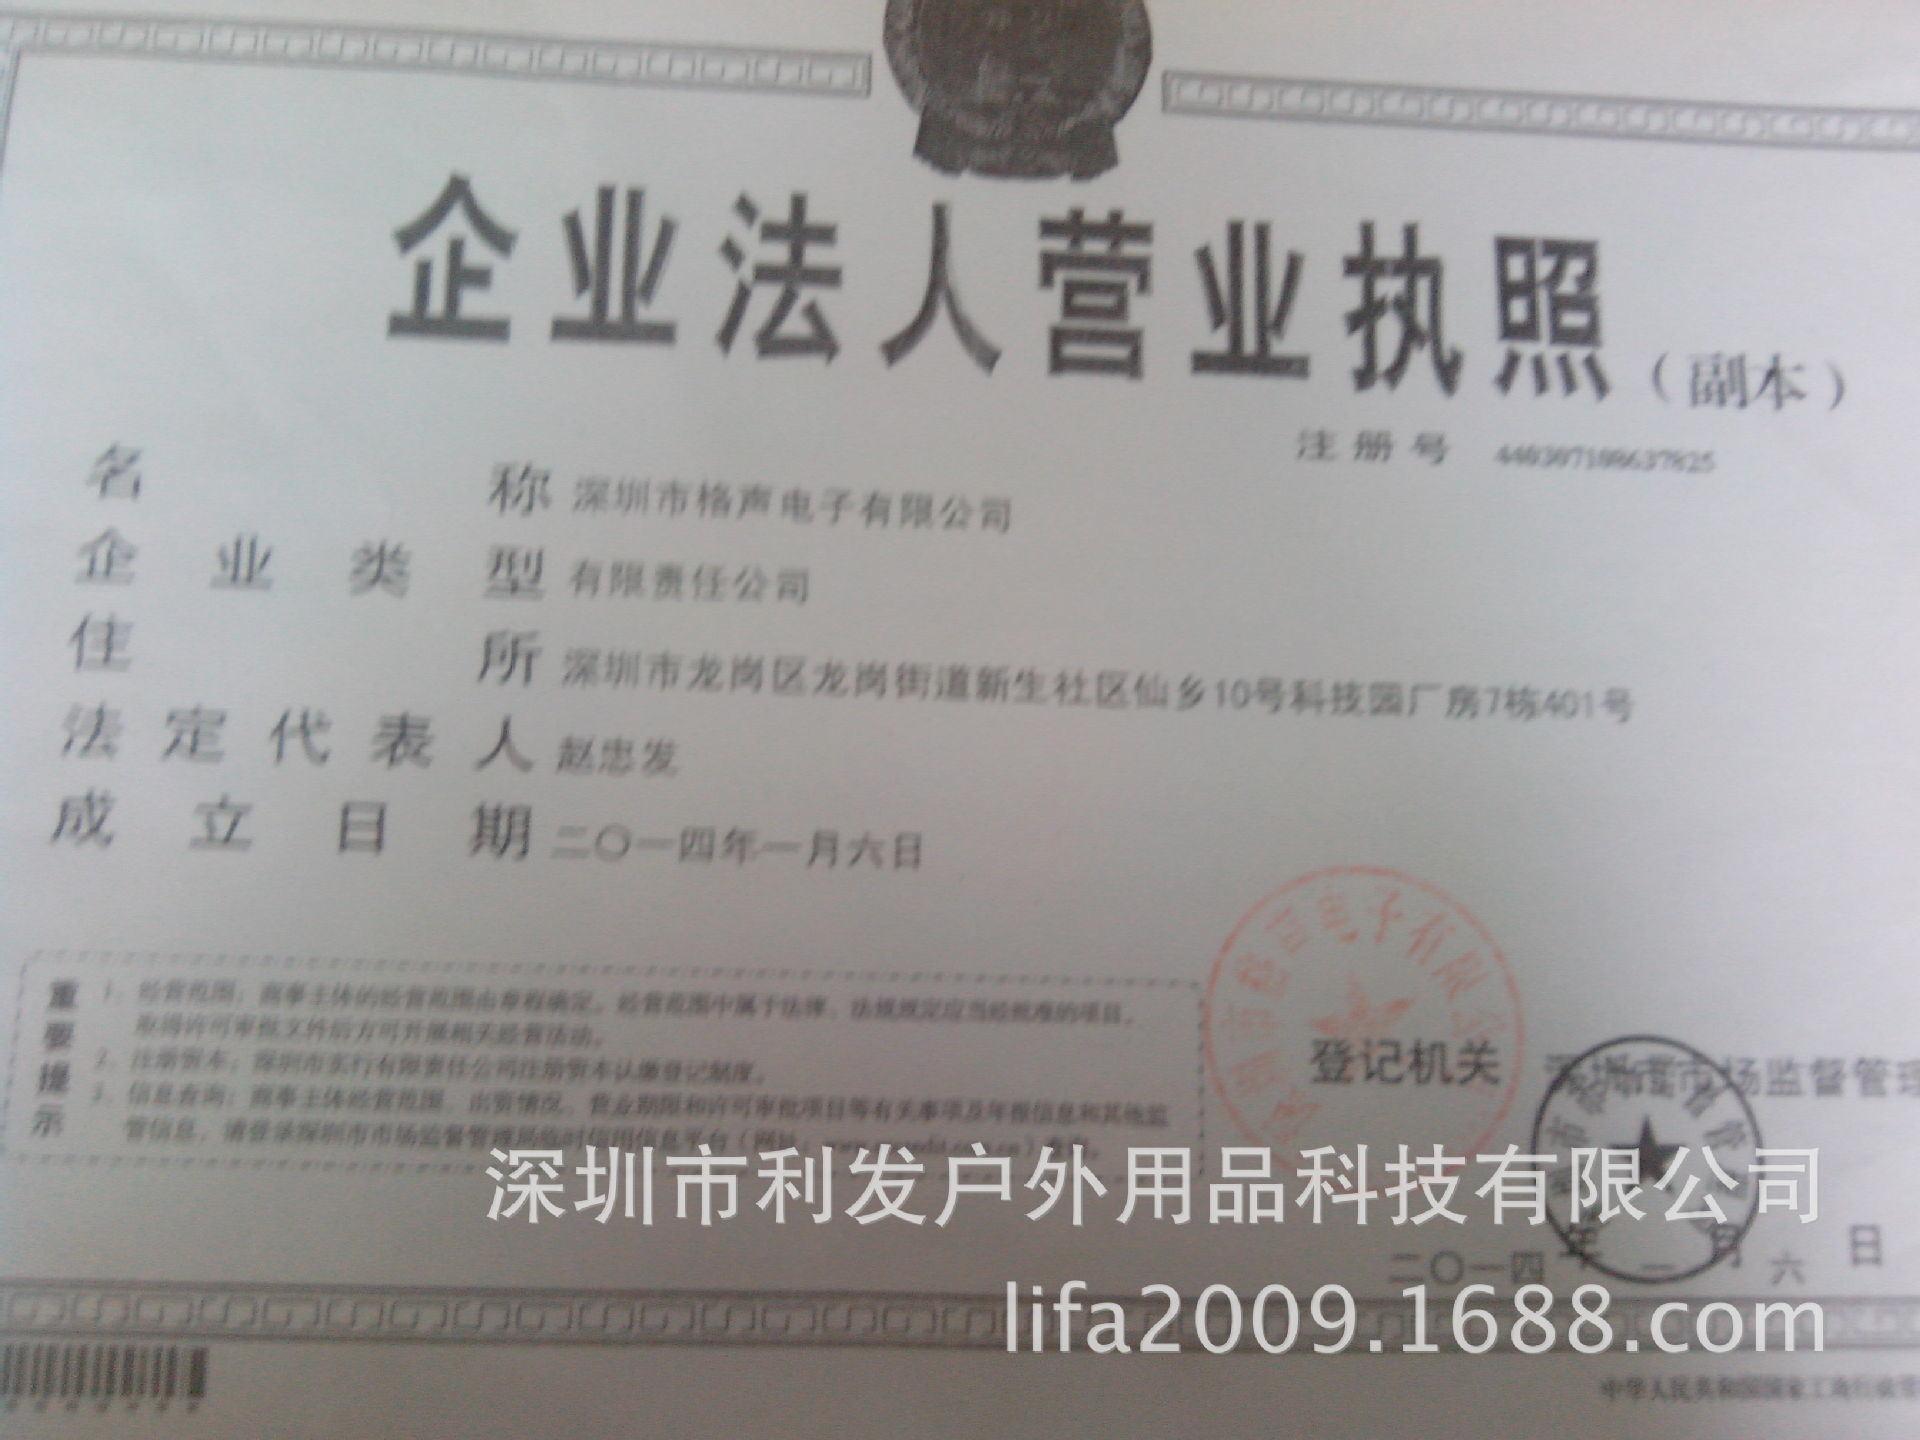 利发实业电子工厂:深圳格声电子有限公司电有限公司